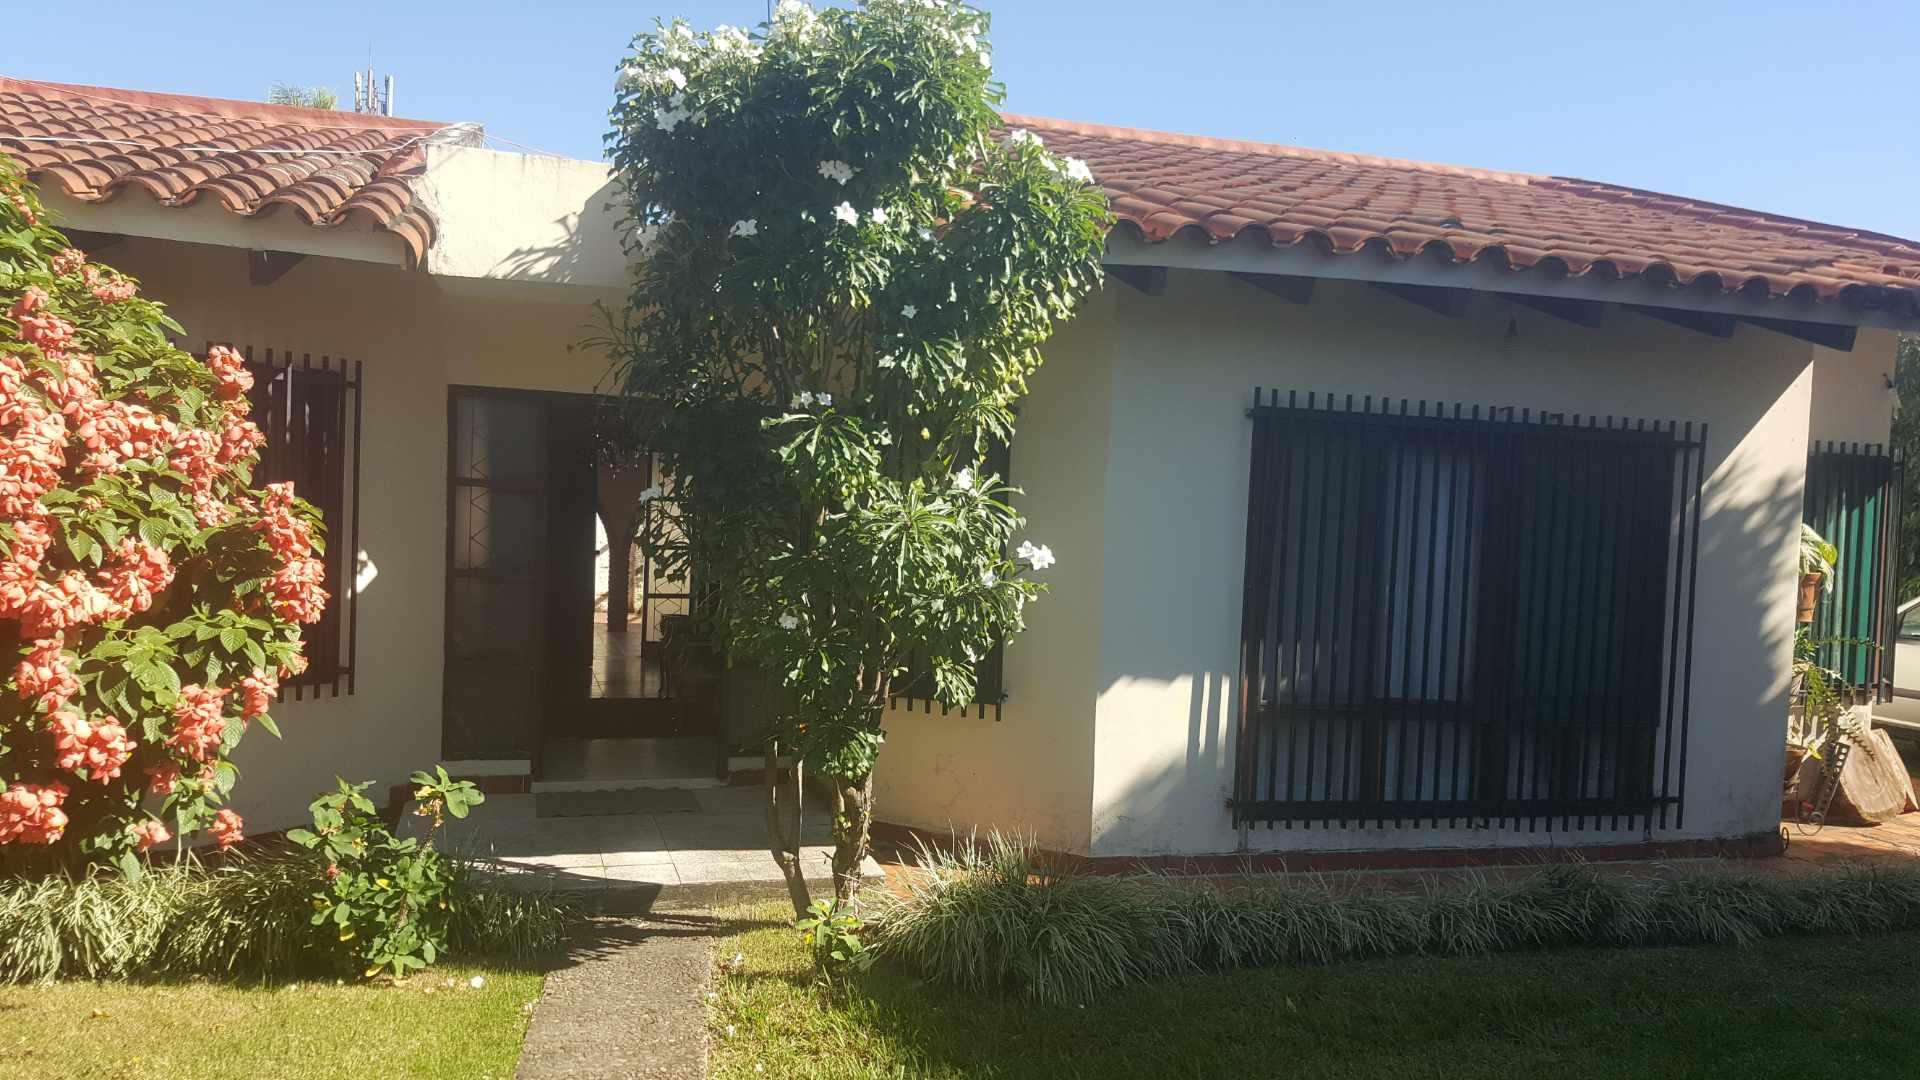 Casa en Venta BARRIO POLANCO, RADIAL 10/CALLE JUAN BLANCO. ENTRE 3er y 4to ANILLO Foto 7